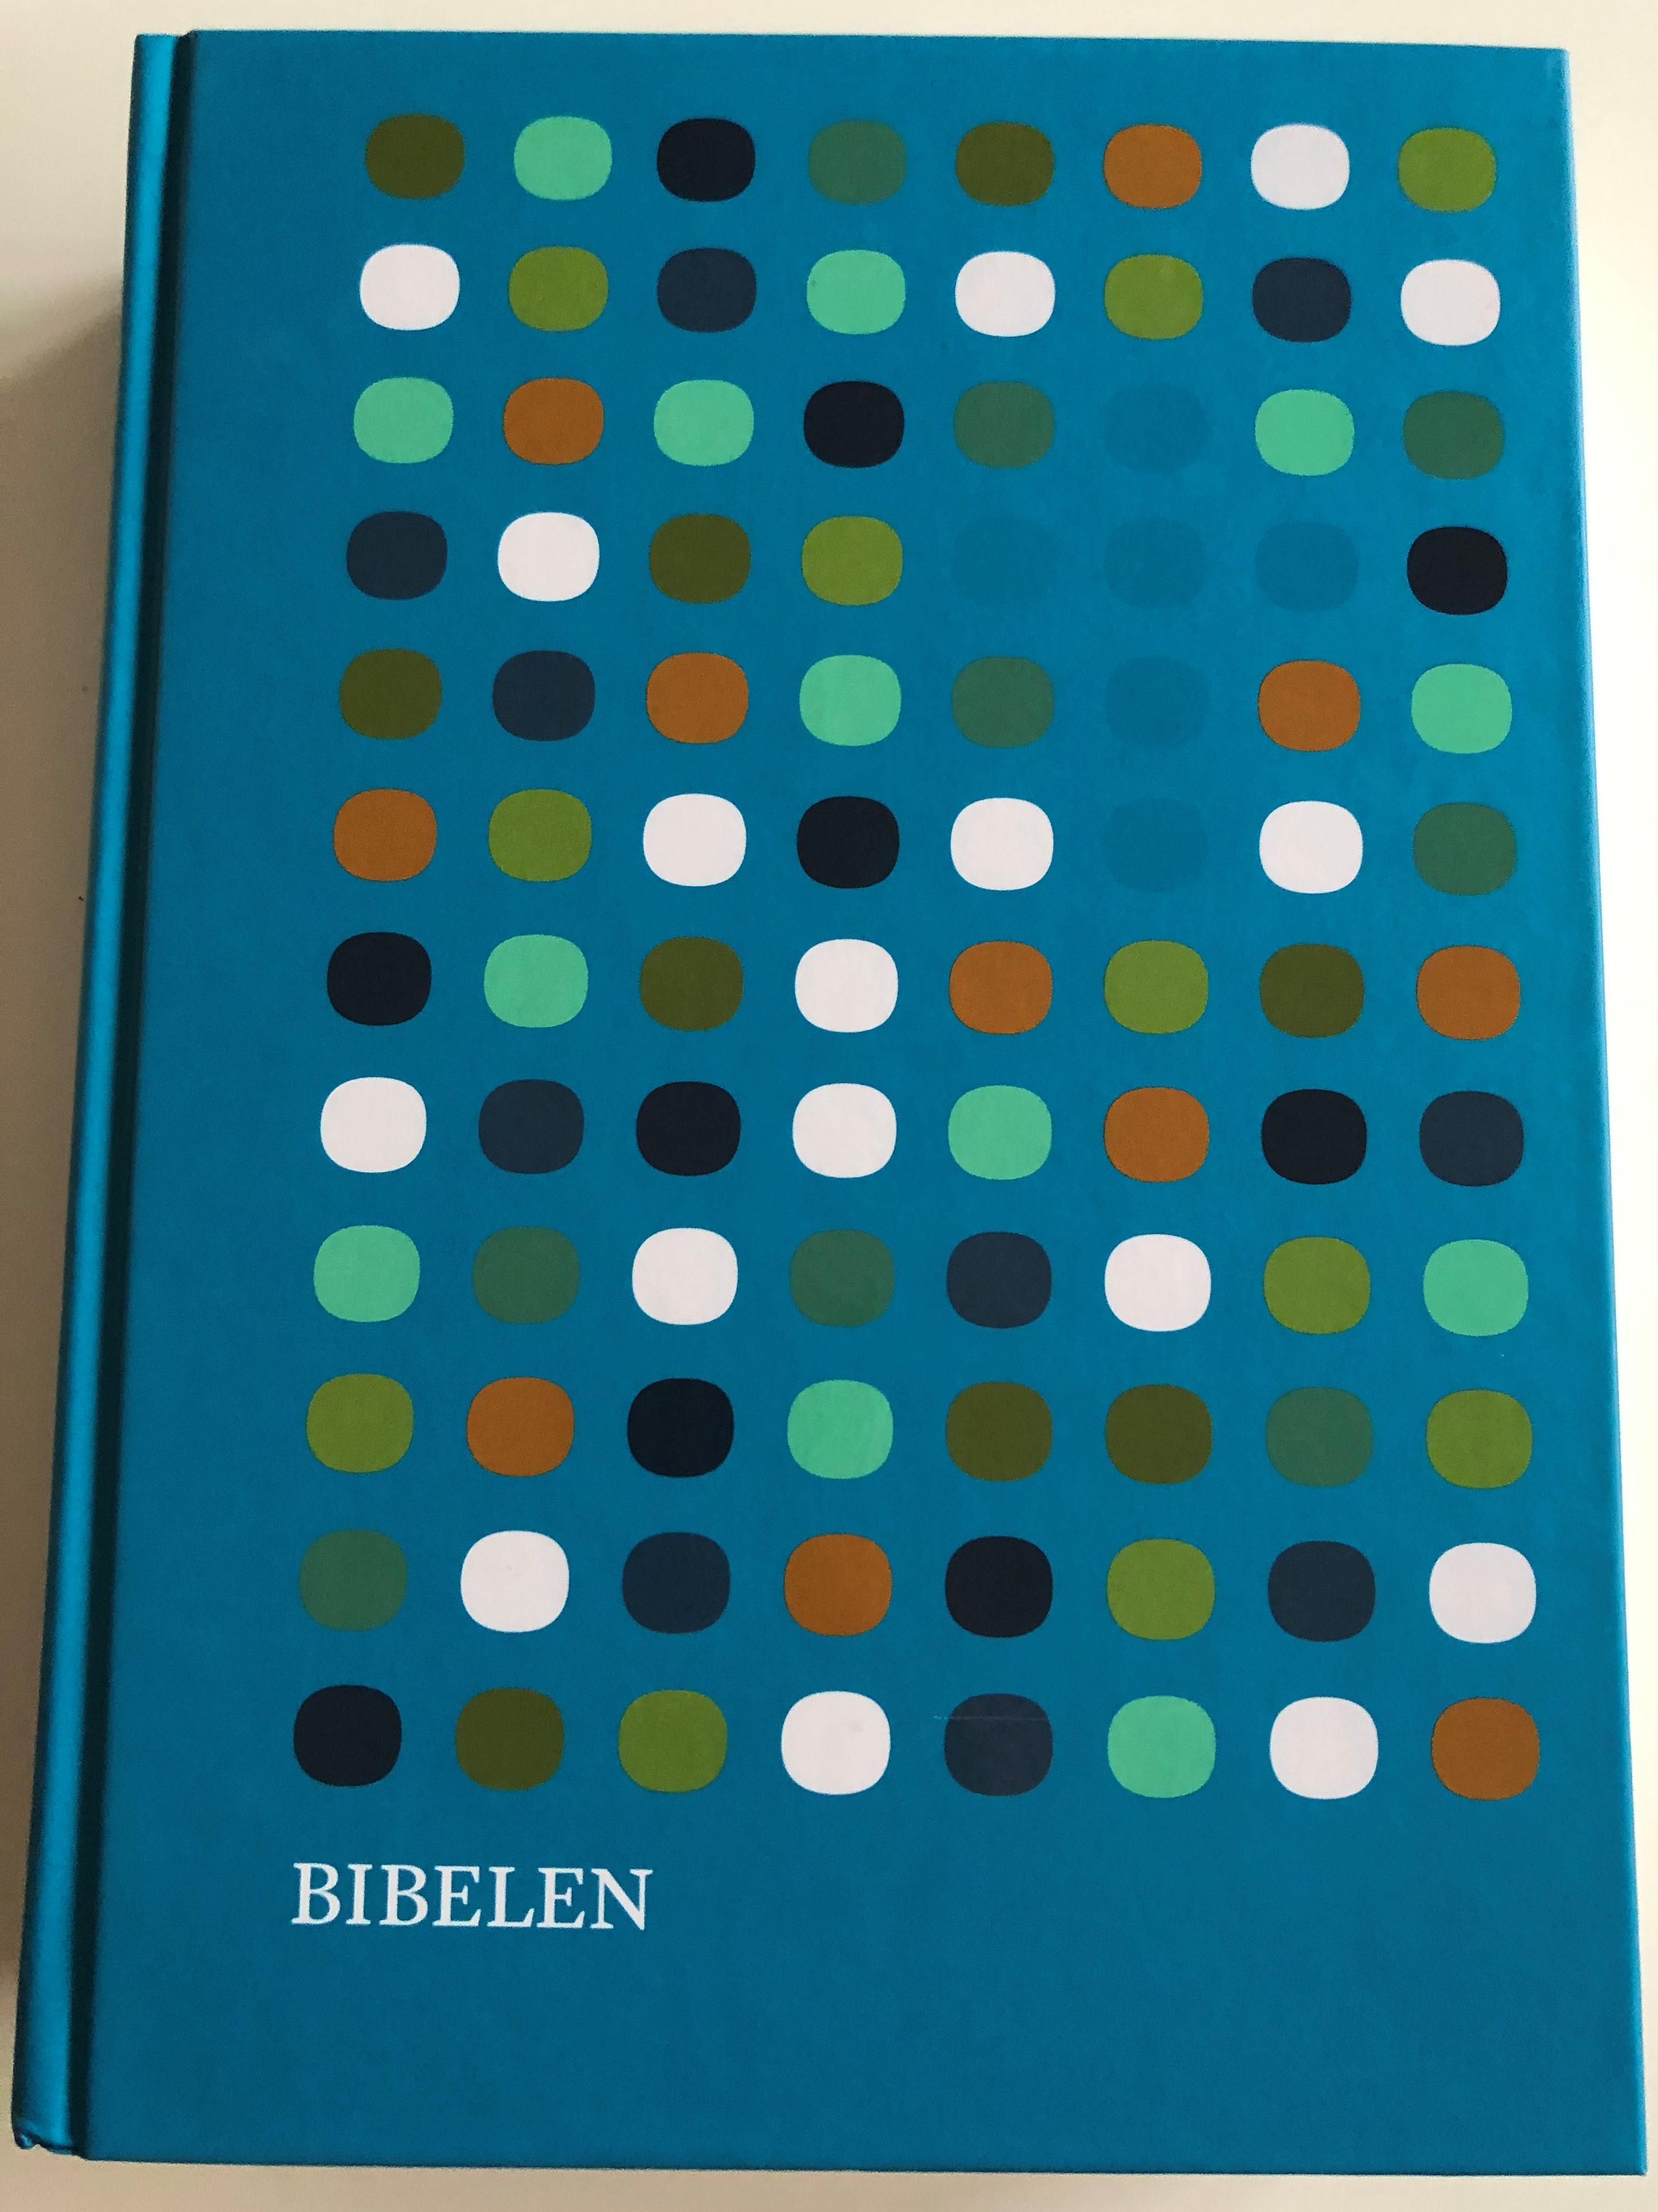 bibelen-danish-holy-bible-den-hellige-skrifts-kanoniske-boger-1.jpg